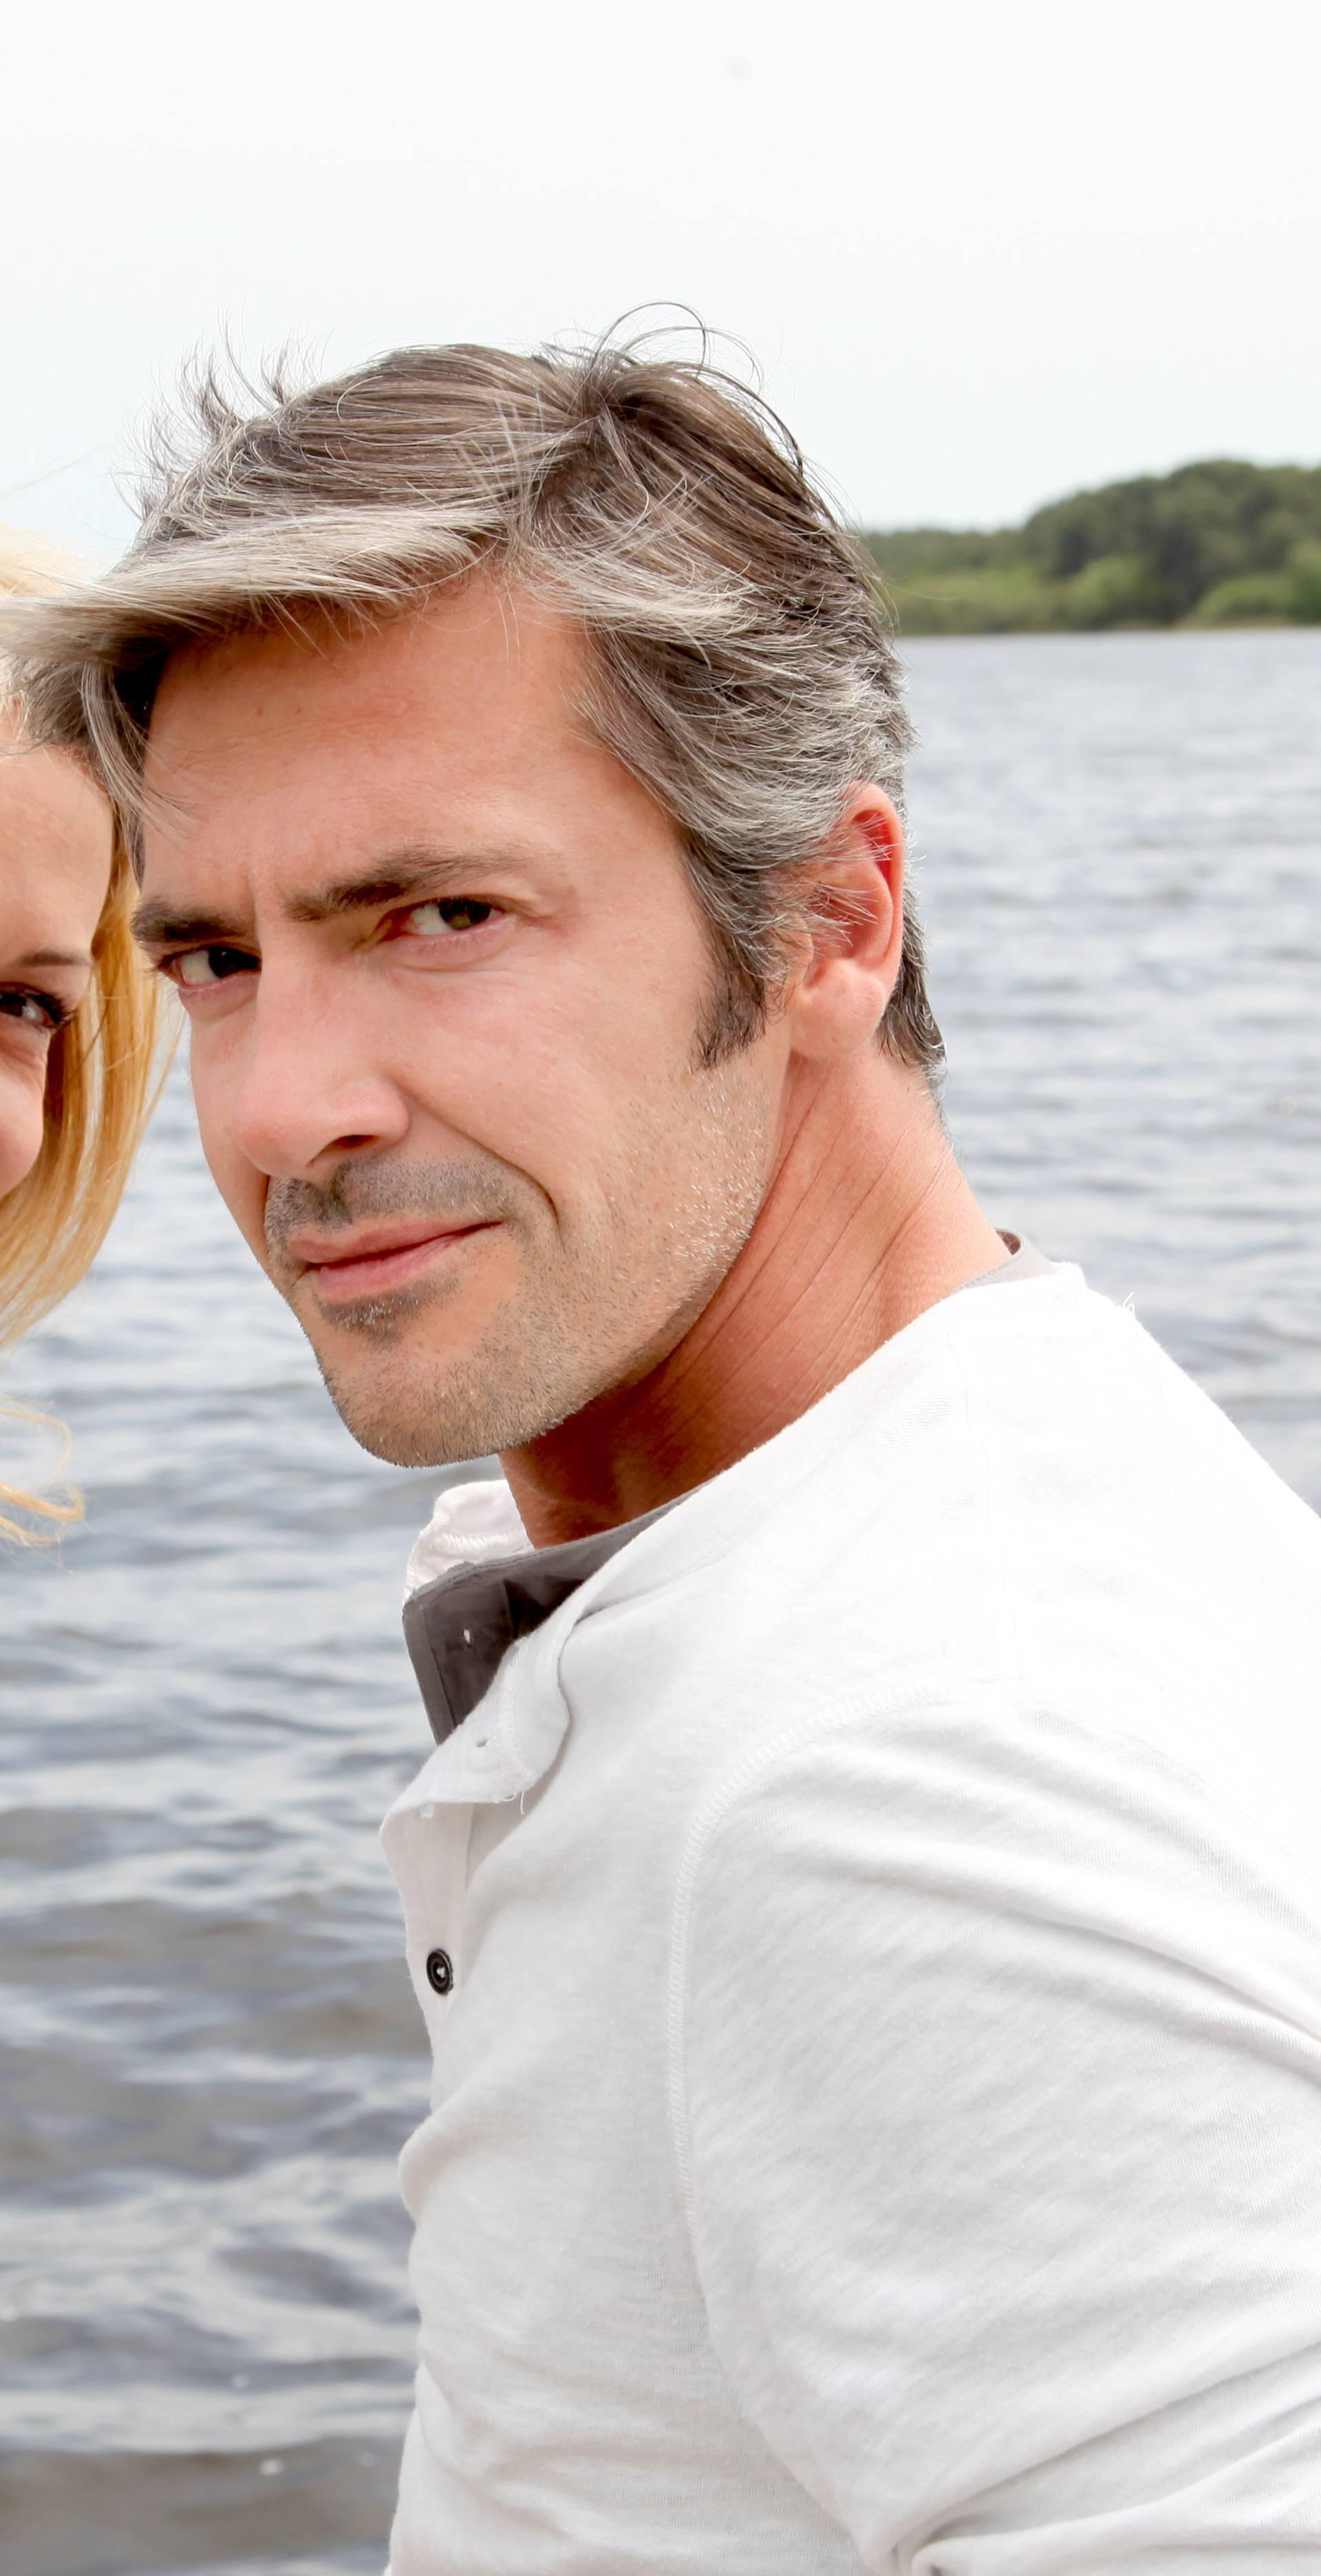 Pretjerano se vežu uz partnera: Stil ljubavi koja u korijenu ima manjak roditeljske privrženosti